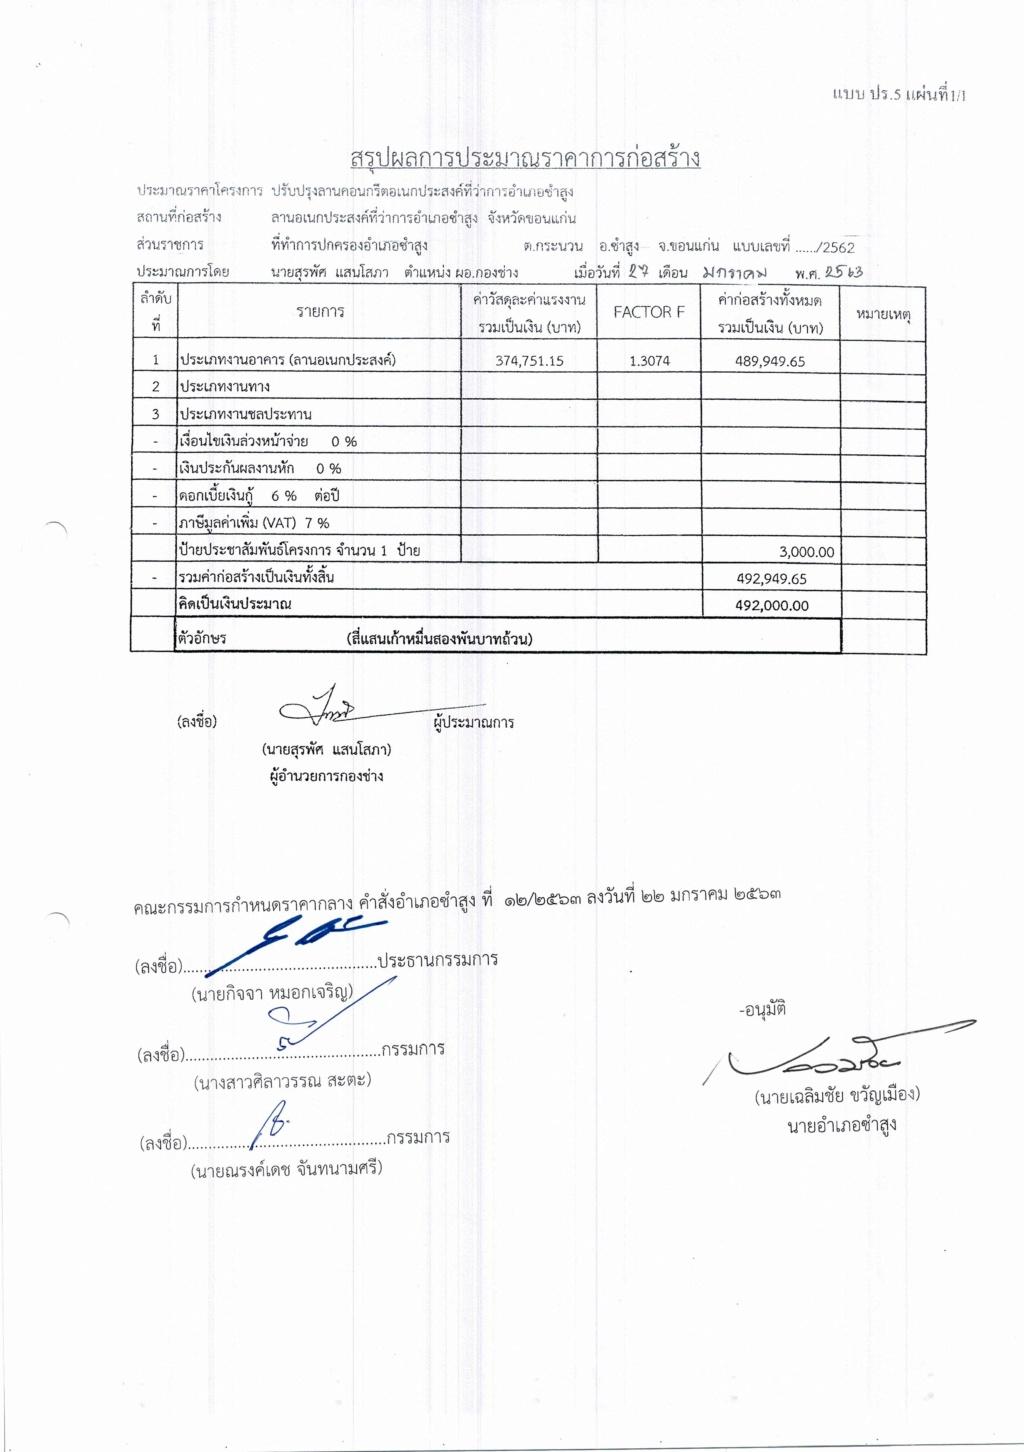 โครงการก่อสร้างลานอเนกประสงค์ที่ว่าการอำเภอซำสูง จังหวัดขอนแก่น ประจำปีงบประมาณ 2563  Cci_0035